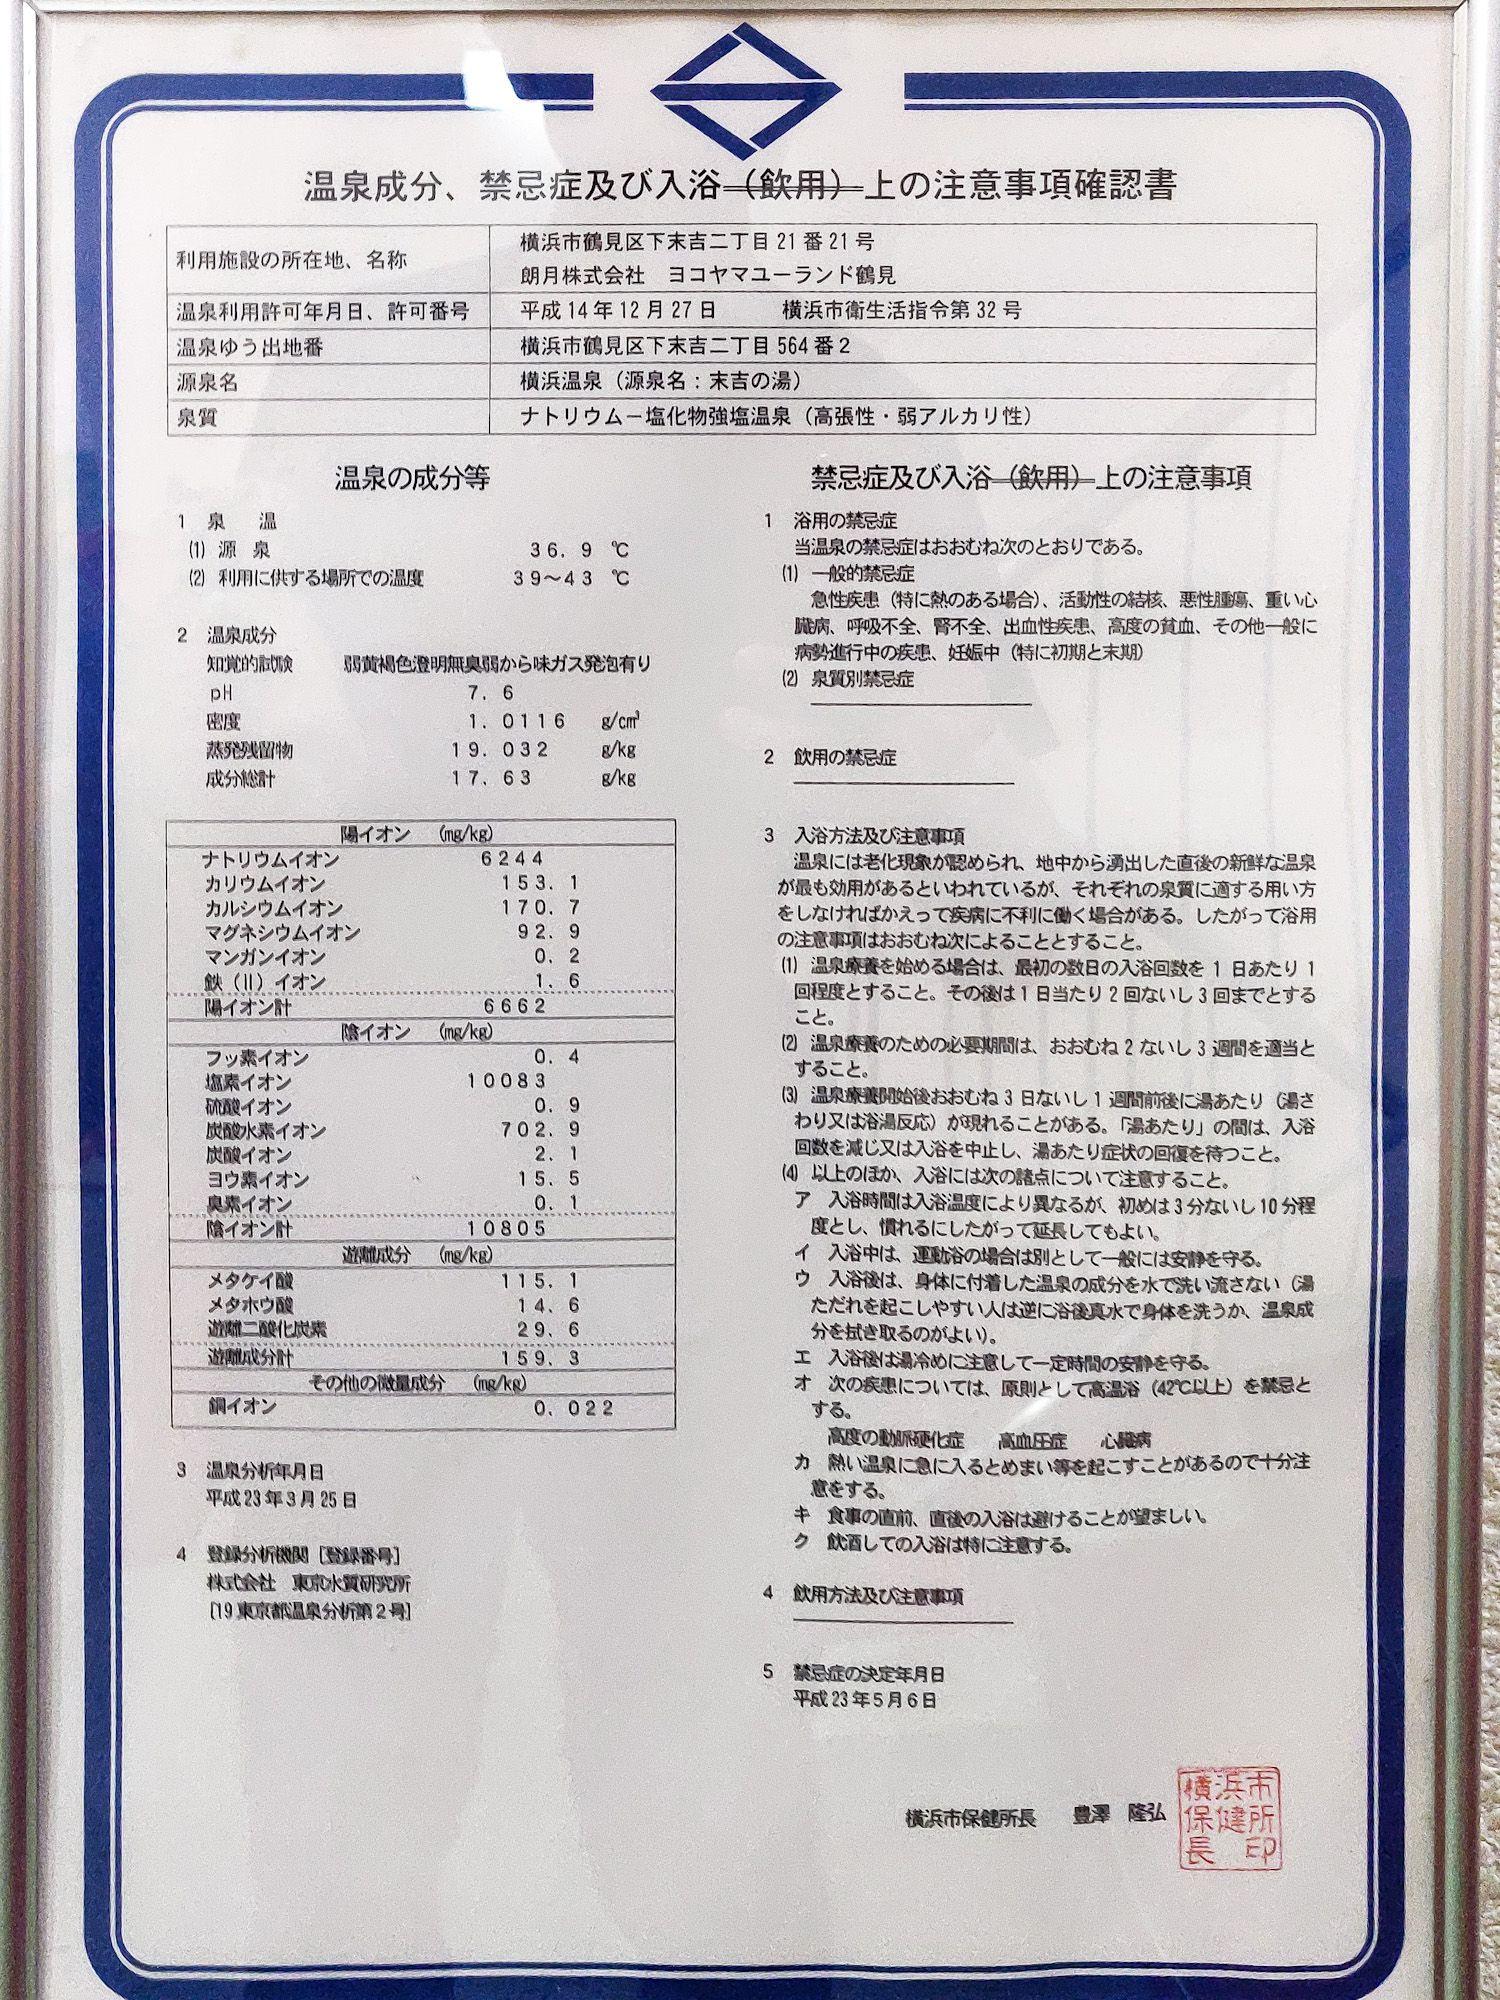 ユーランド鶴見 温泉分析書